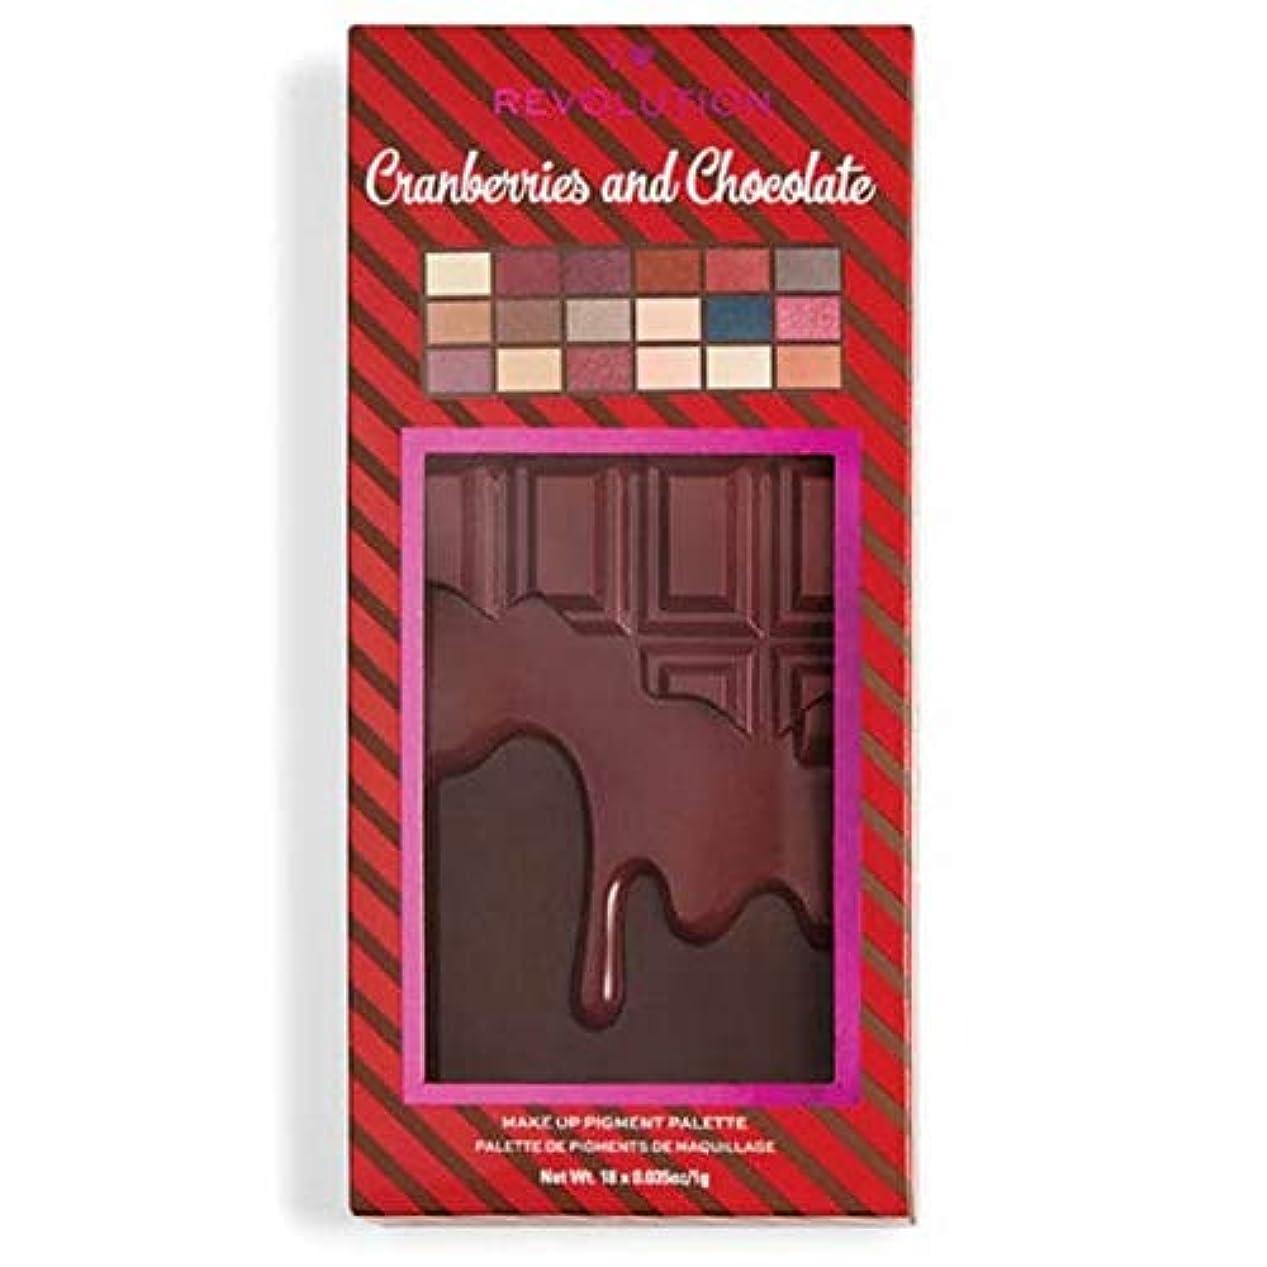 幾分構成する魅力的[I Heart Revolution ] 私の心の革命クランベリー&チョコレートパレット - I Heart Revolution Cranberries & Chocolate Palette [並行輸入品]